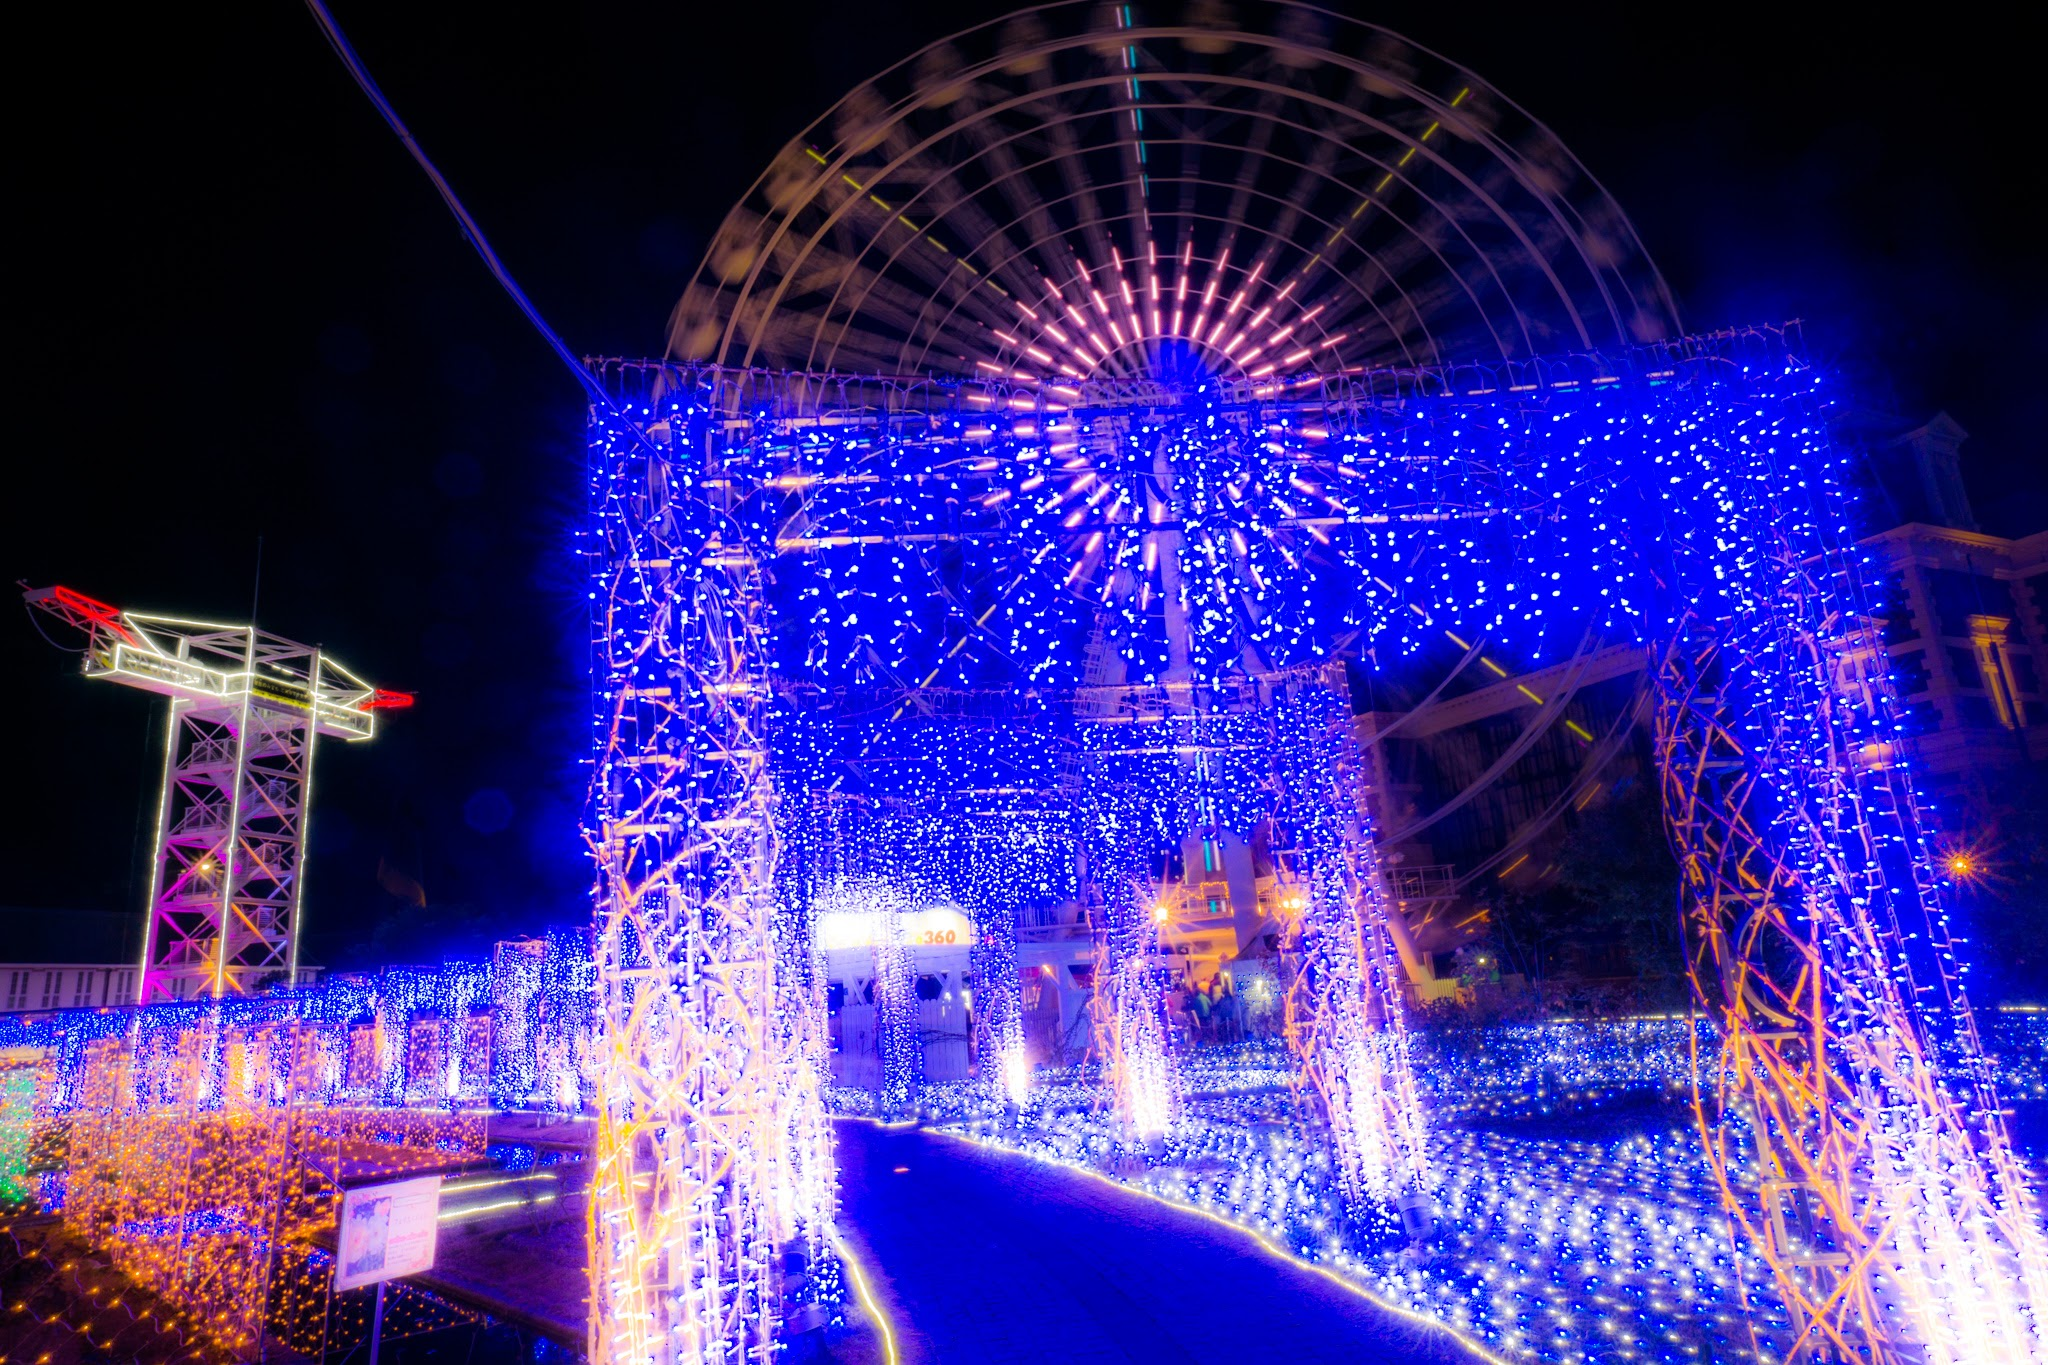 ハウステンボス イルミネーション 光の王国 アートガーデン3